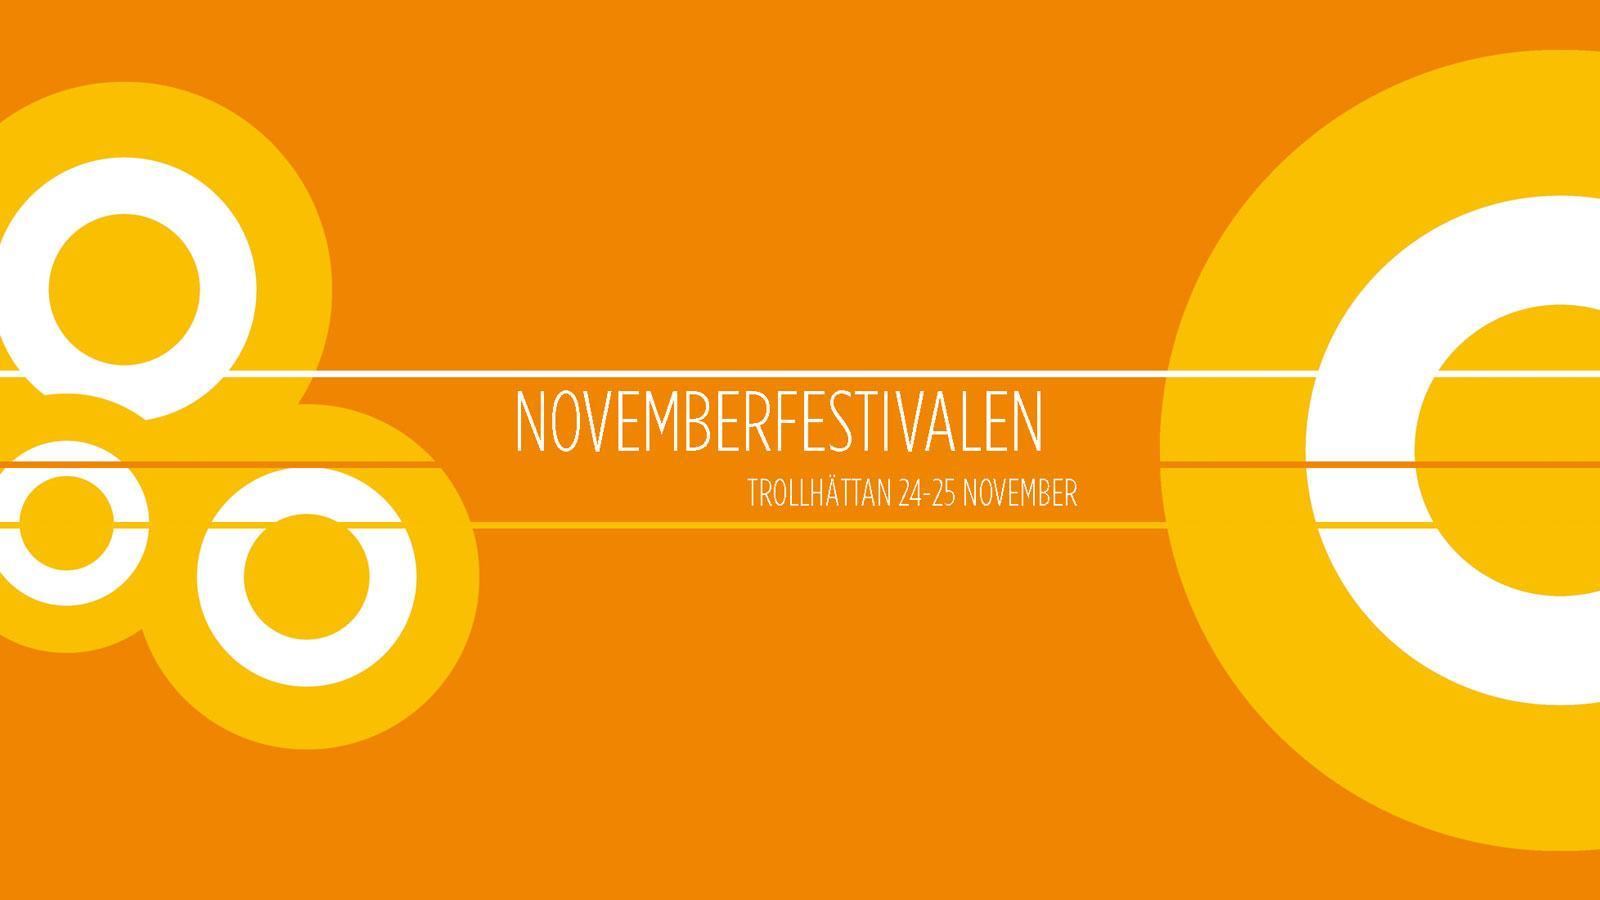 Novemberfestivalen 2017